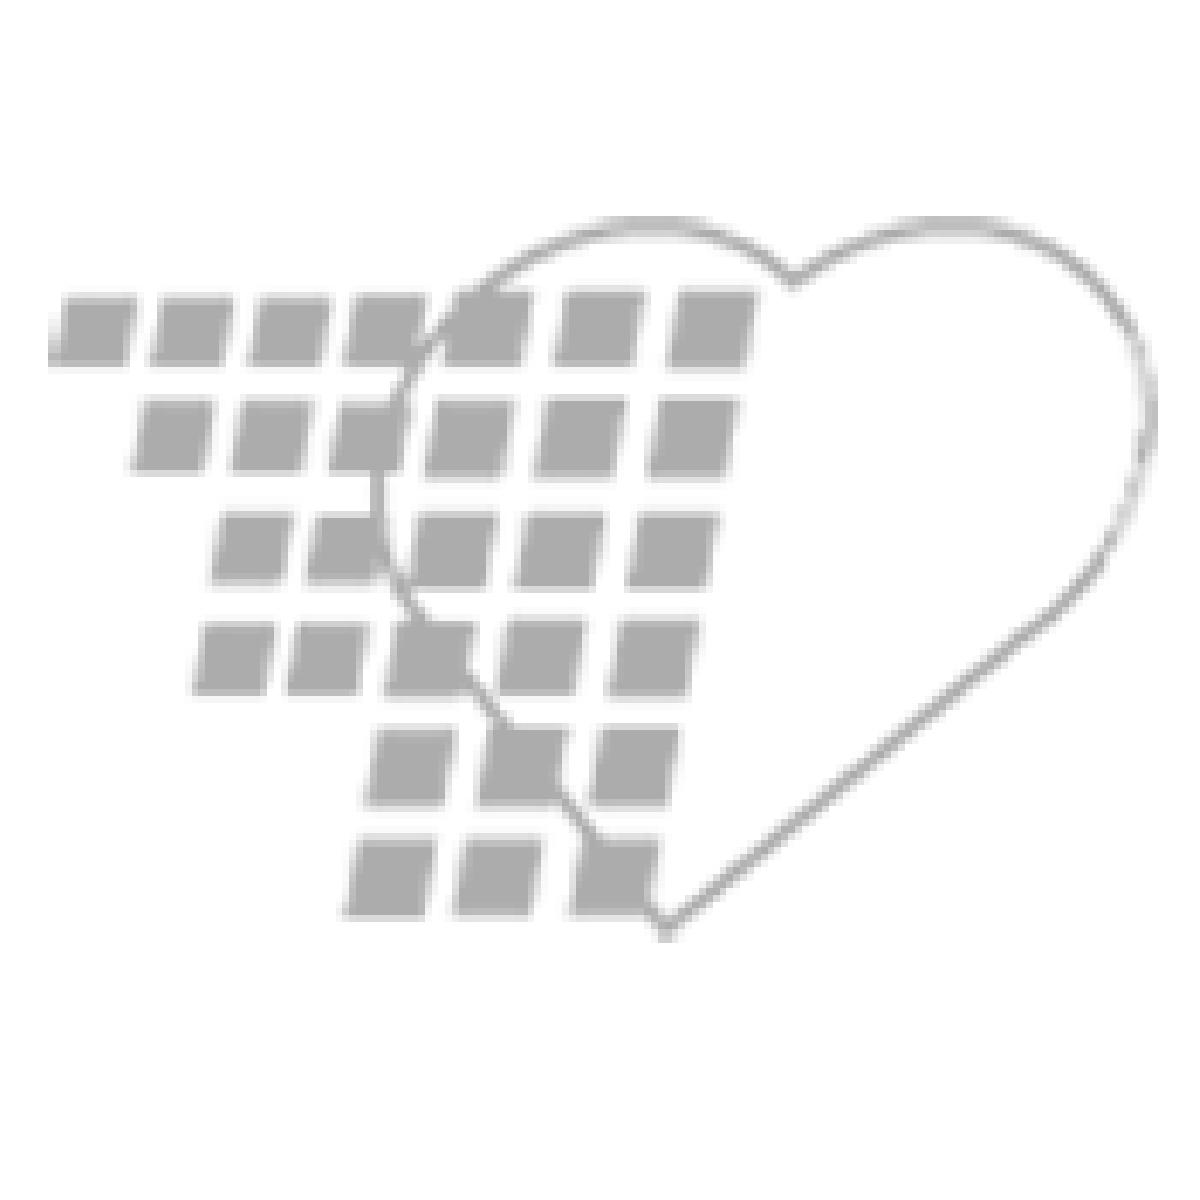 06-82-7375 Needle Safe II